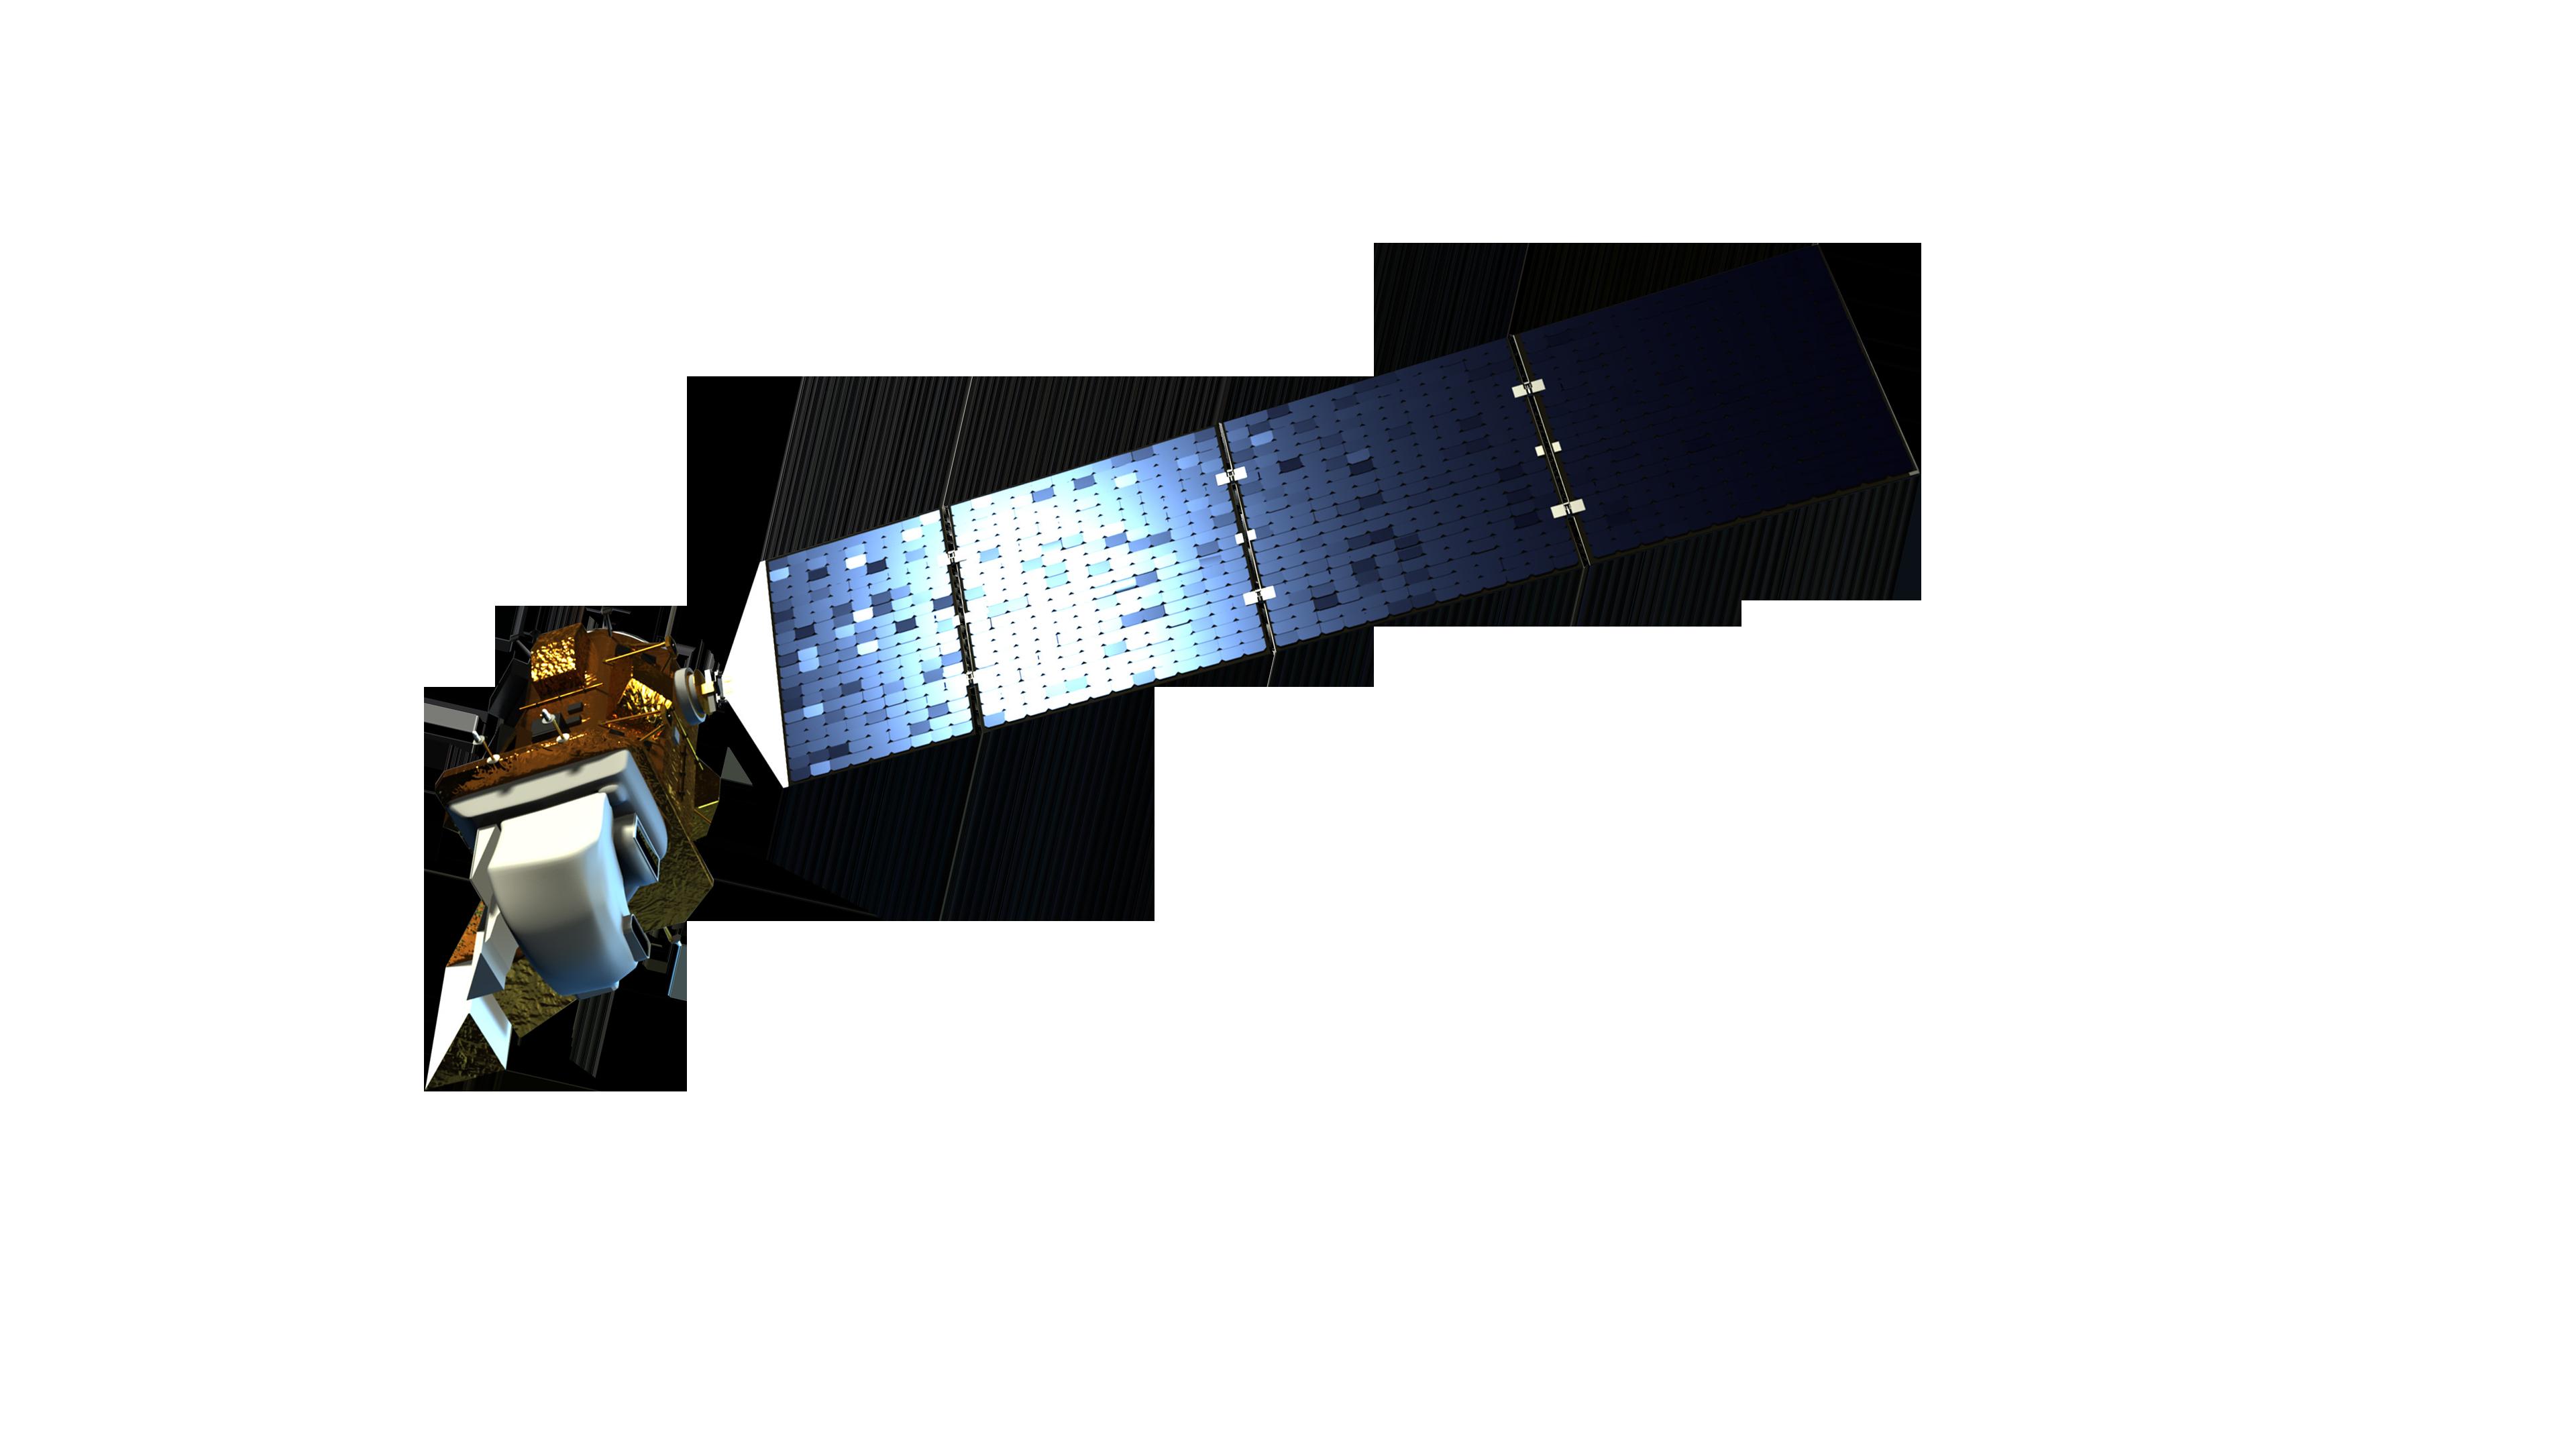 satelite-tyc-gis